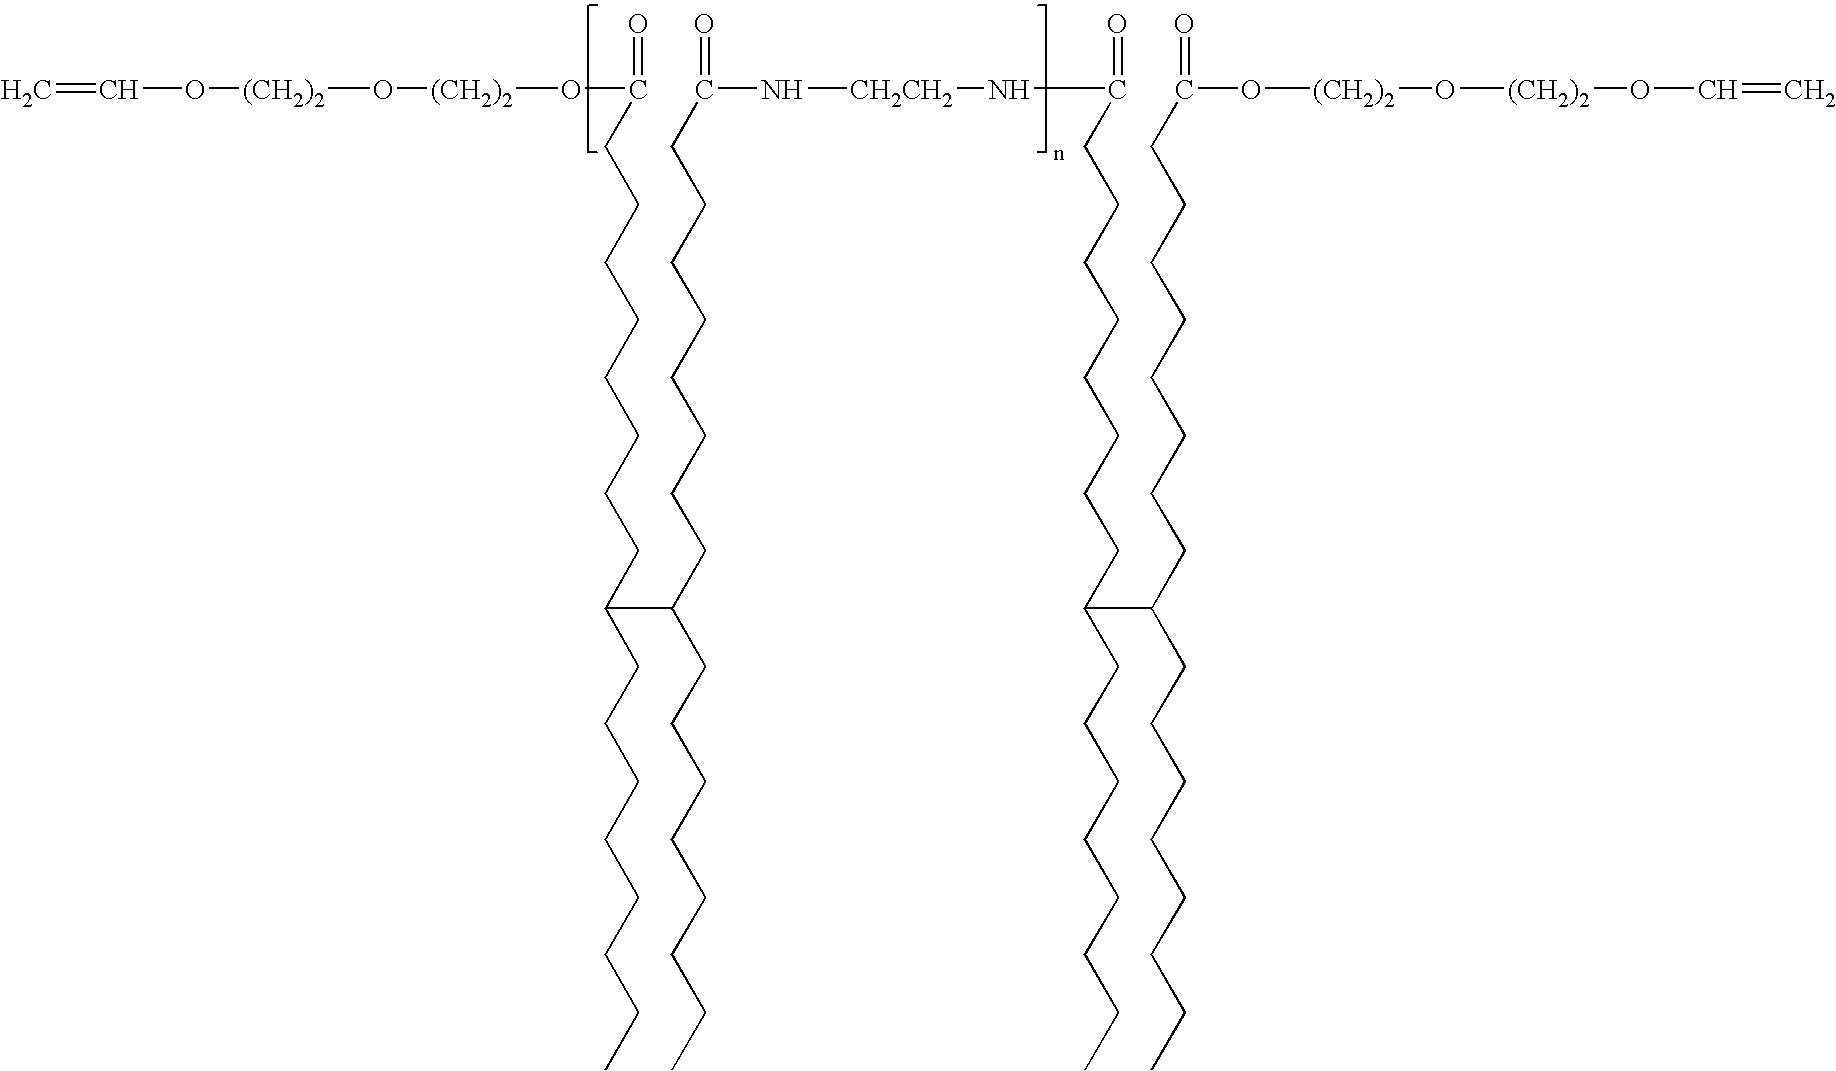 Figure US20070123724A1-20070531-C00029